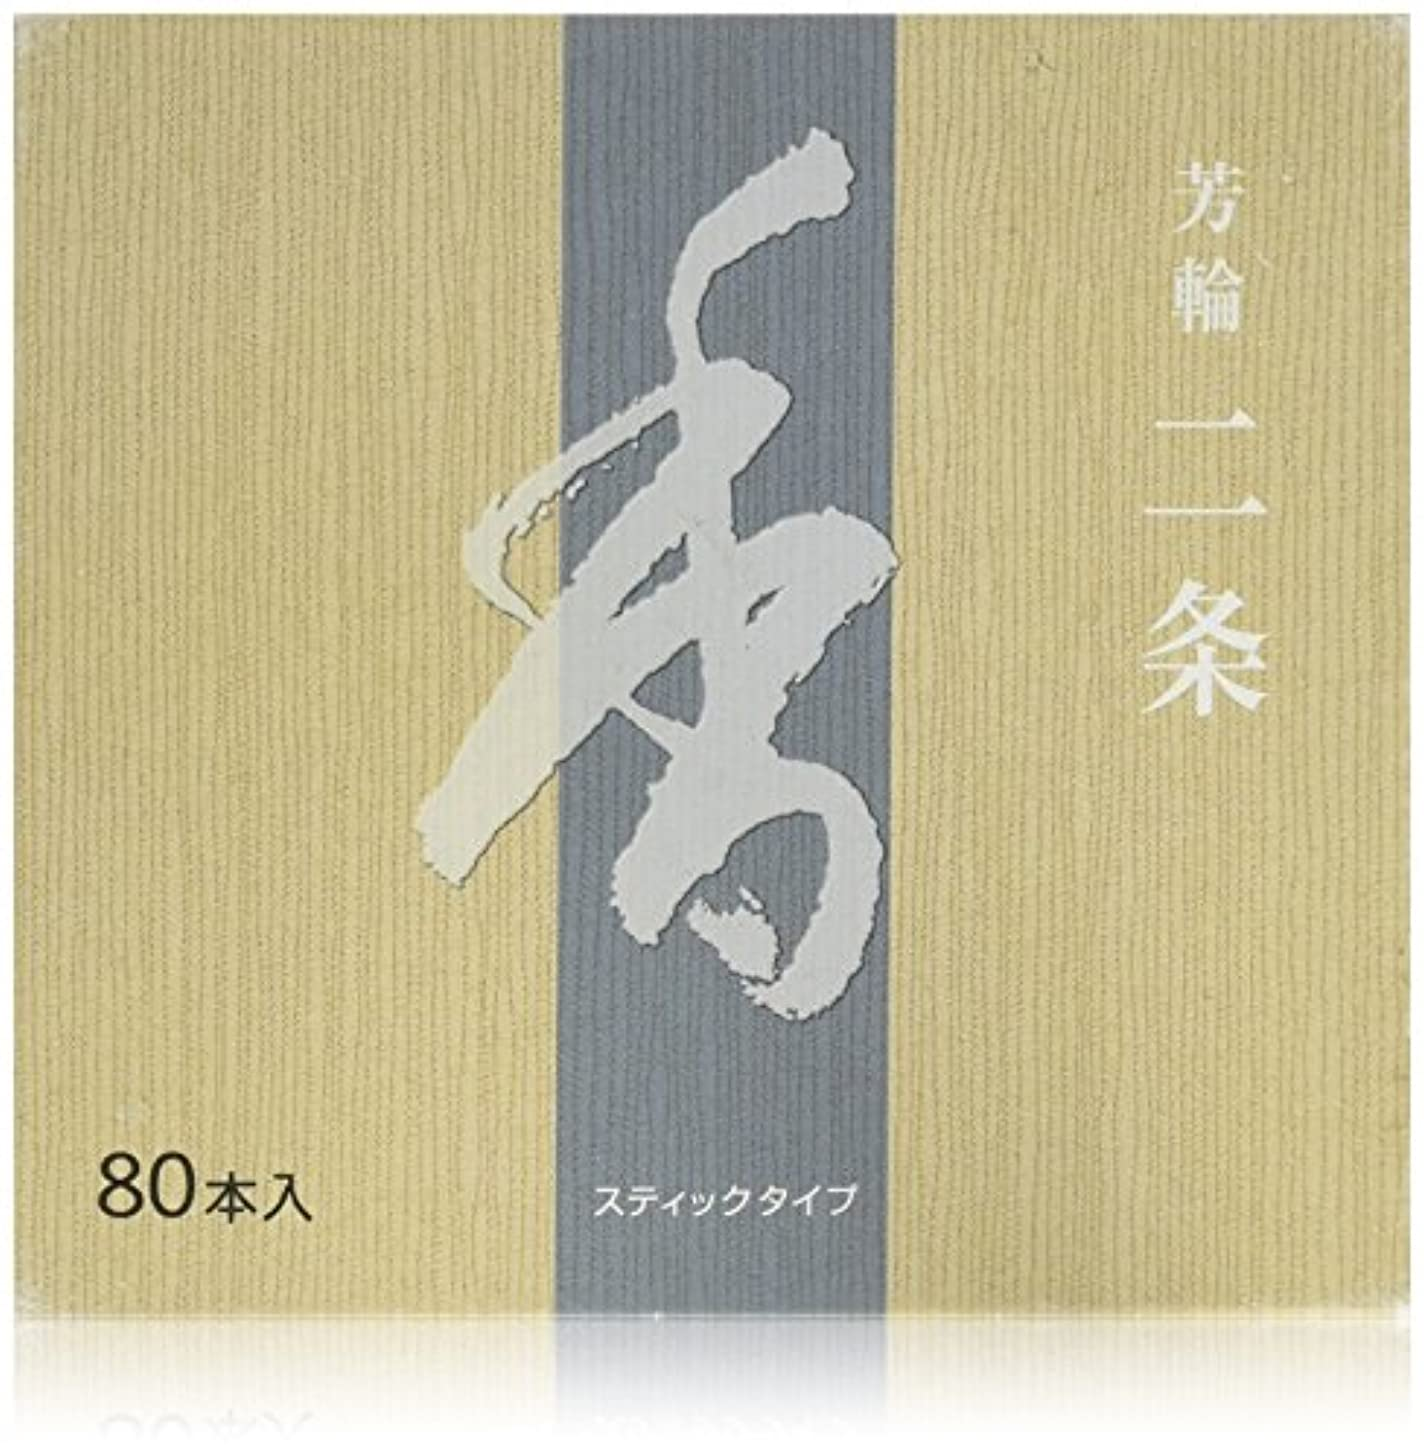 大はげ勇気松栄堂のお香 芳輪二条 ST徳用80本入 簡易香立付 #210124